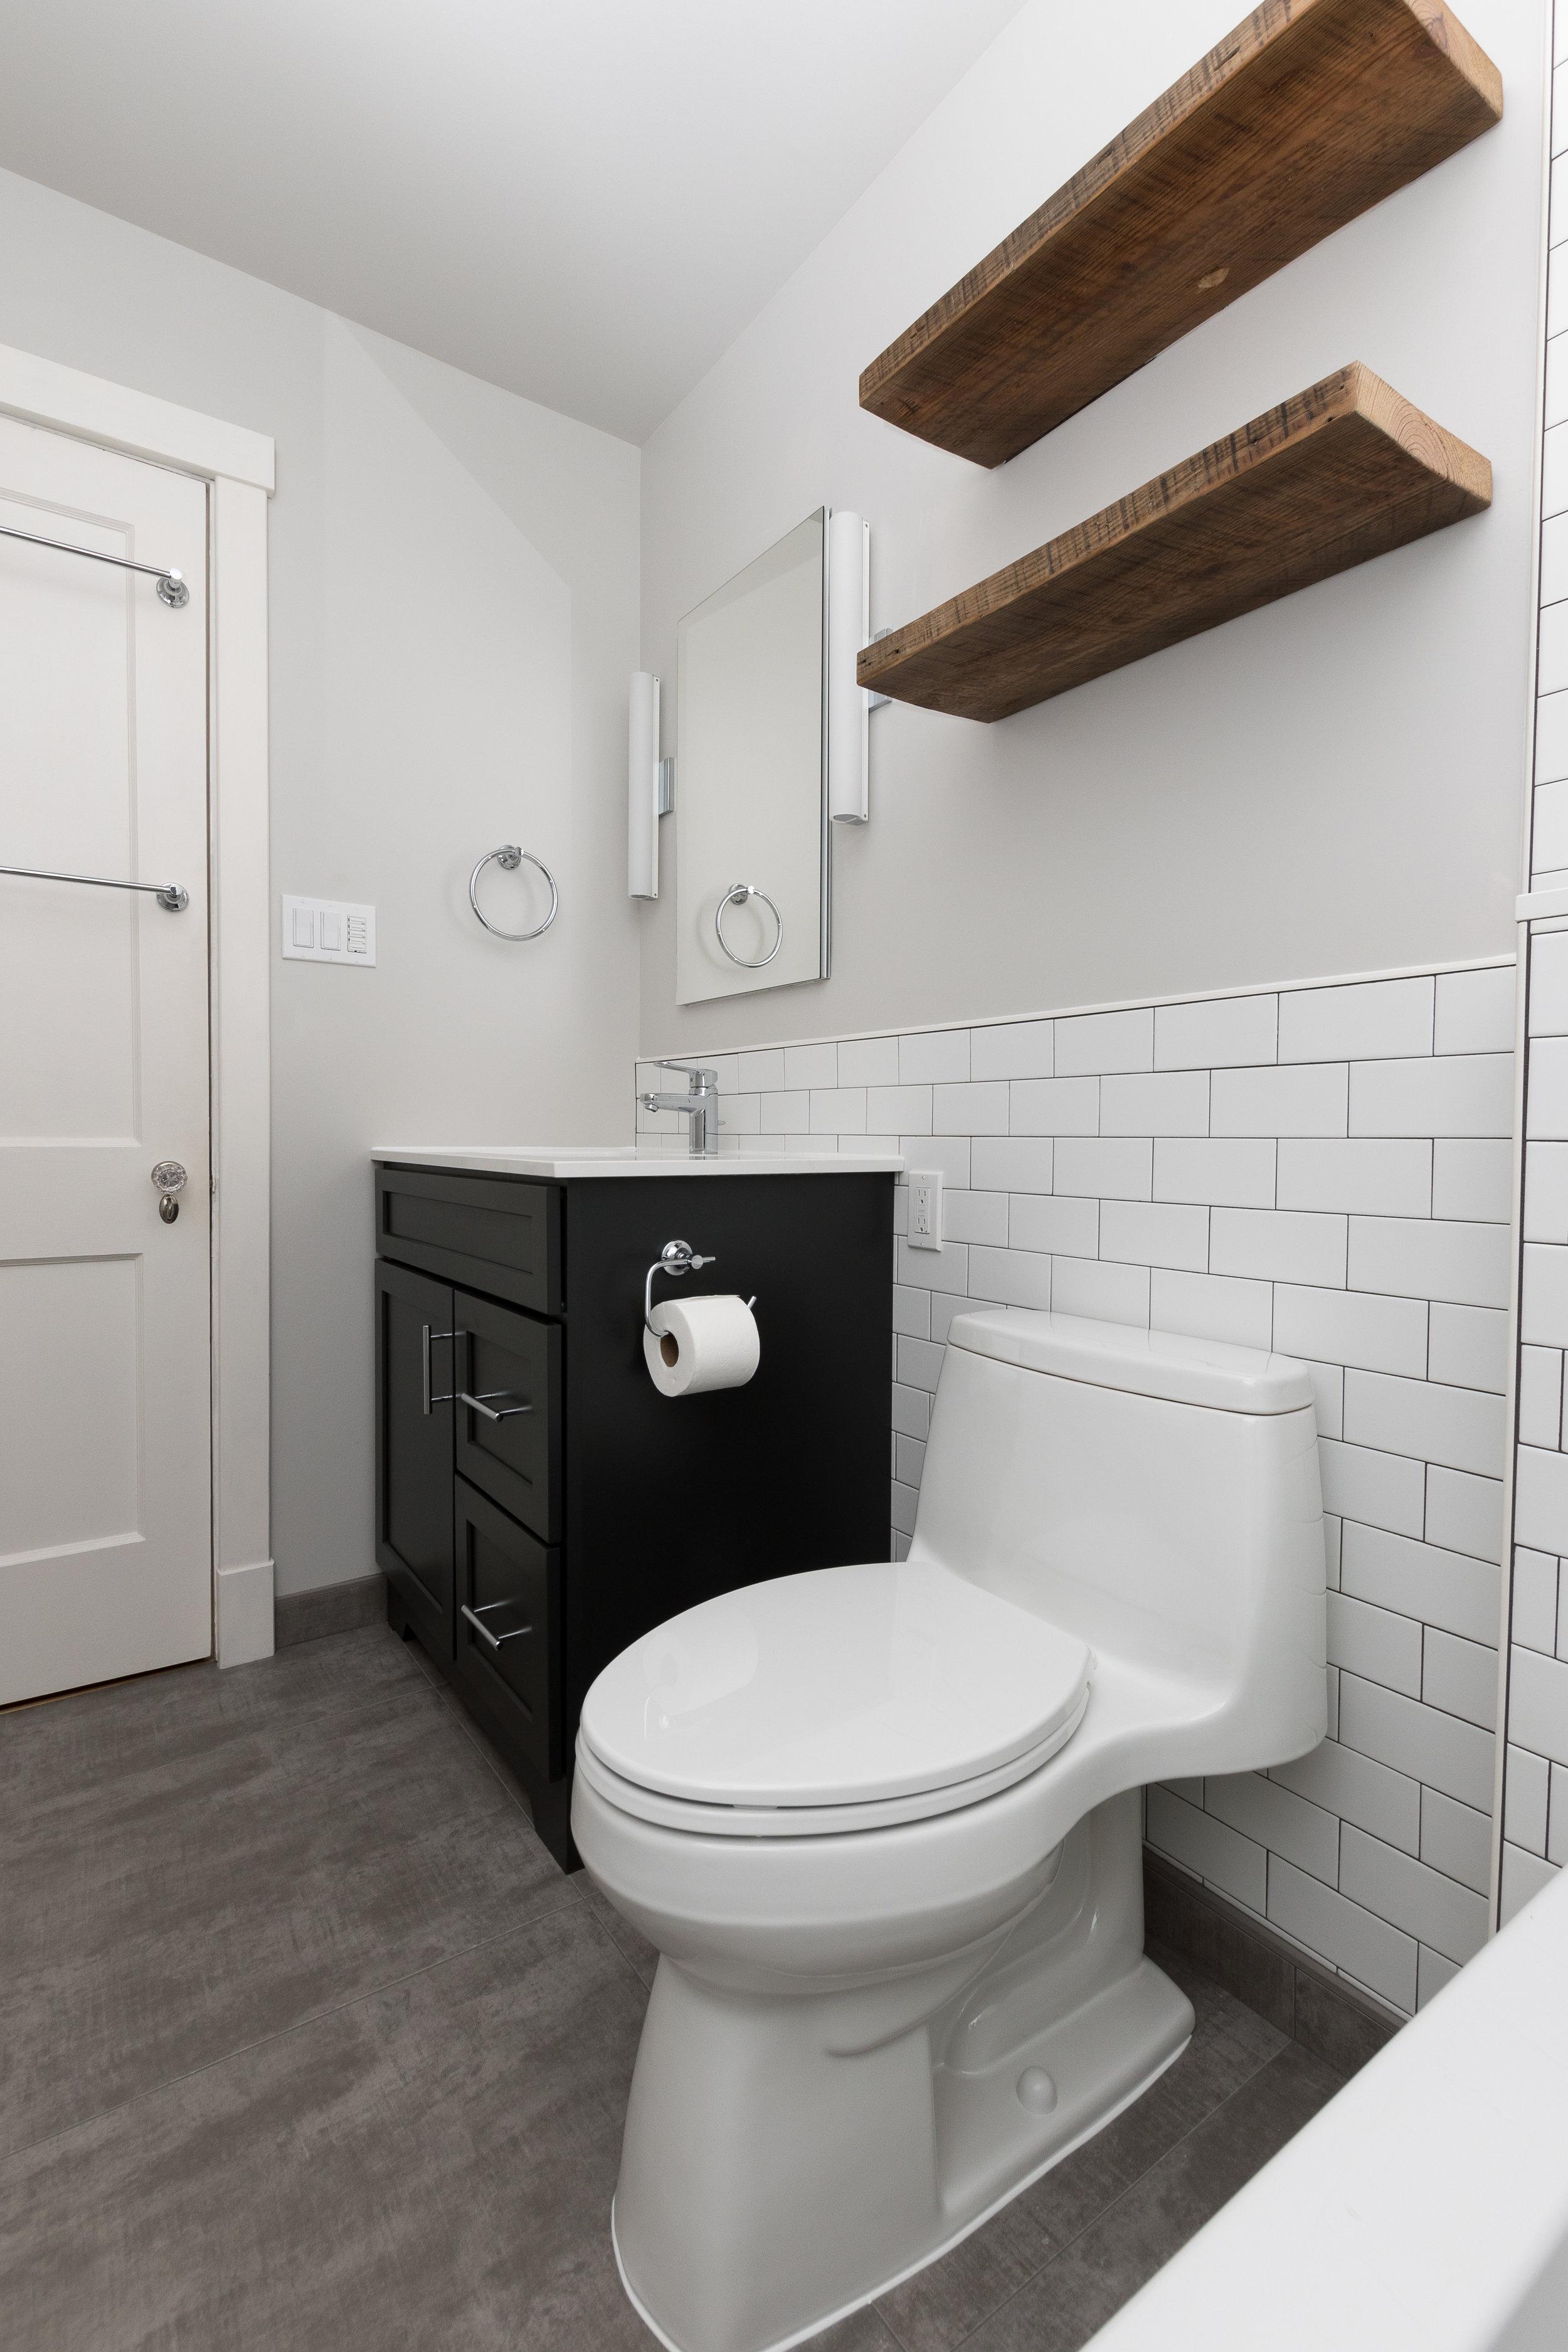 toilet and vanity area.jpg